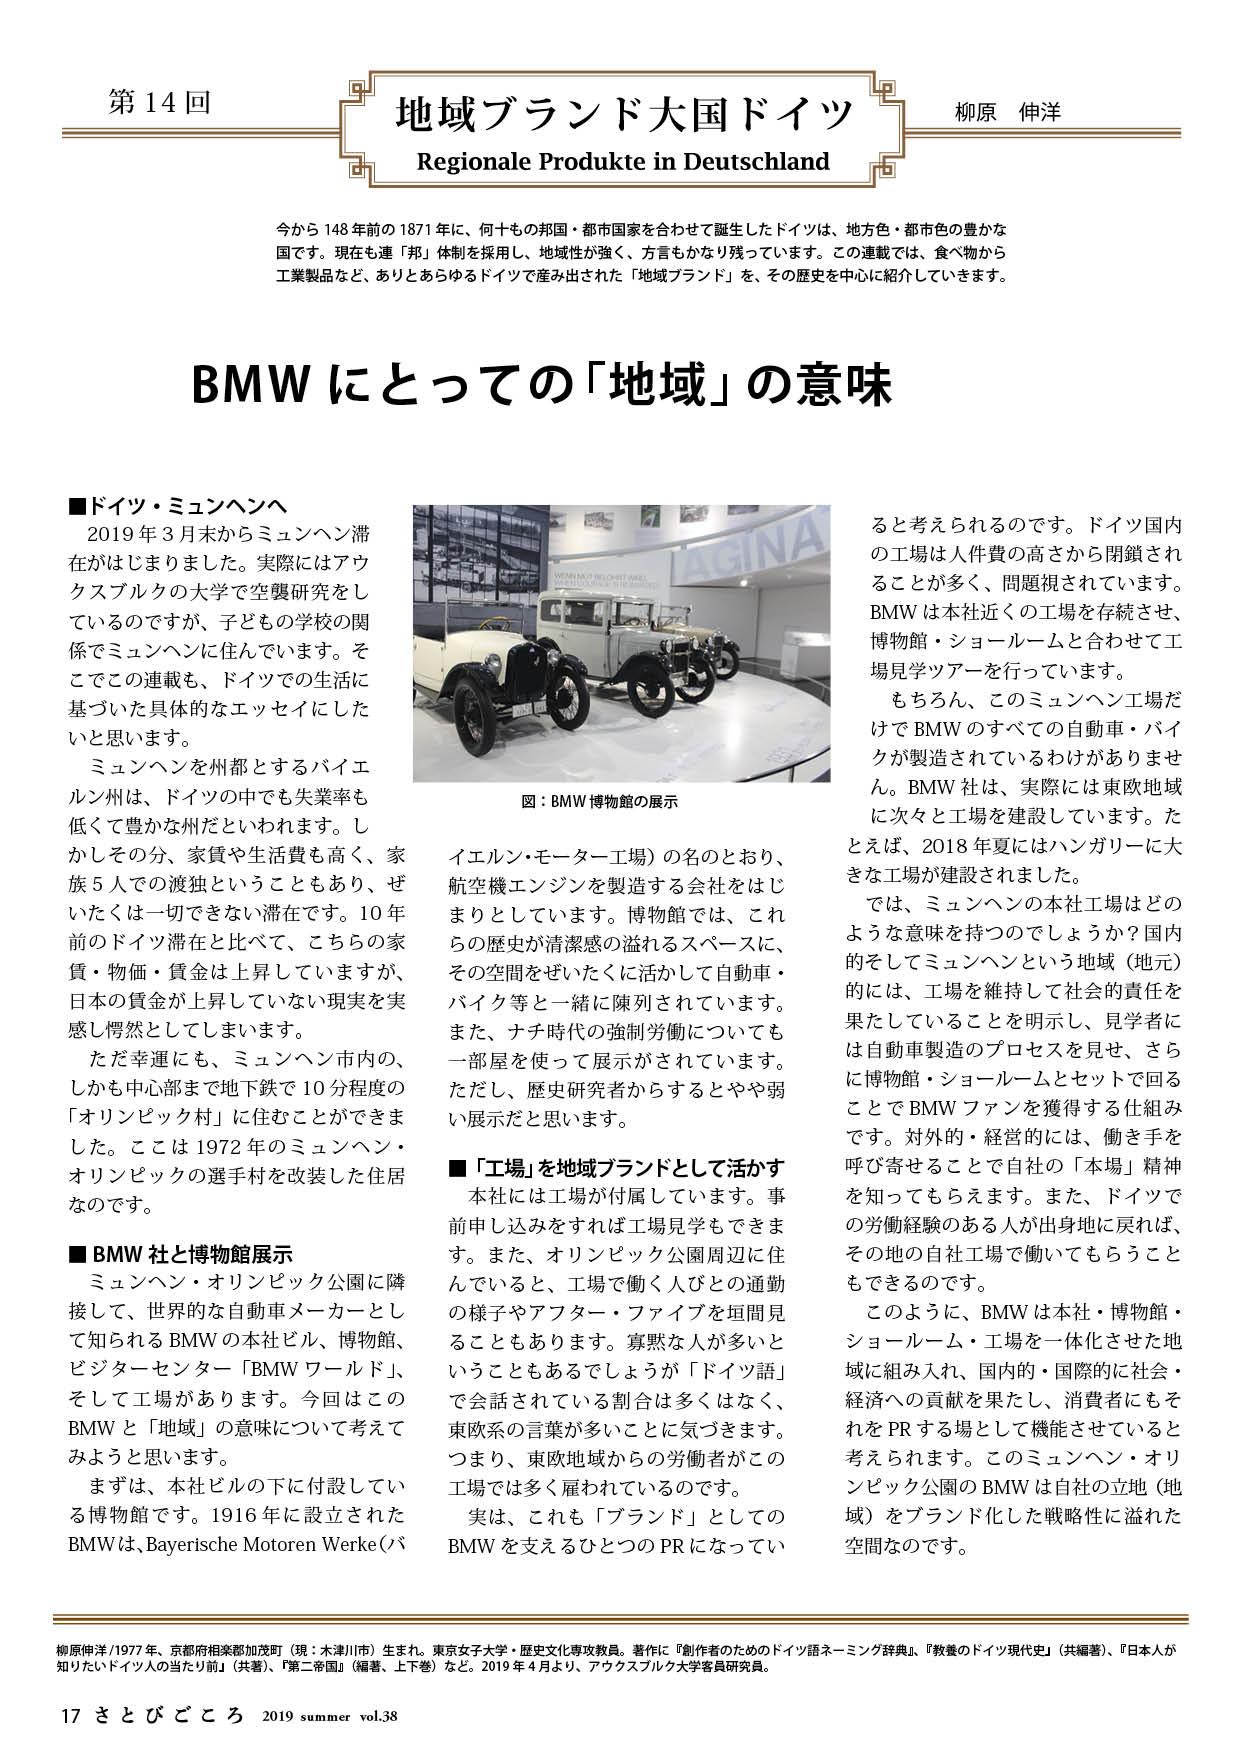 《地域ブランド大国ドイツ》さとびごころvol.38(2019 summer)第14回 BMW にとっての「地域」の意味